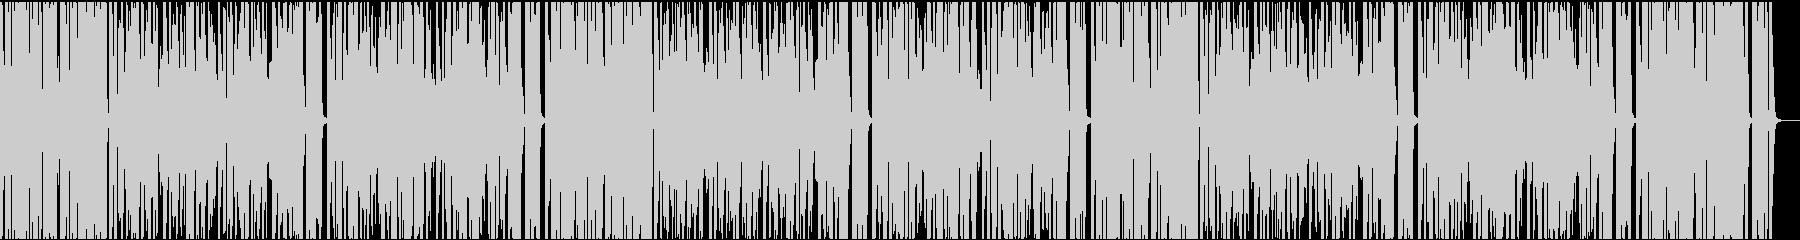 9秒でサビ、インパクト、イケイケの未再生の波形